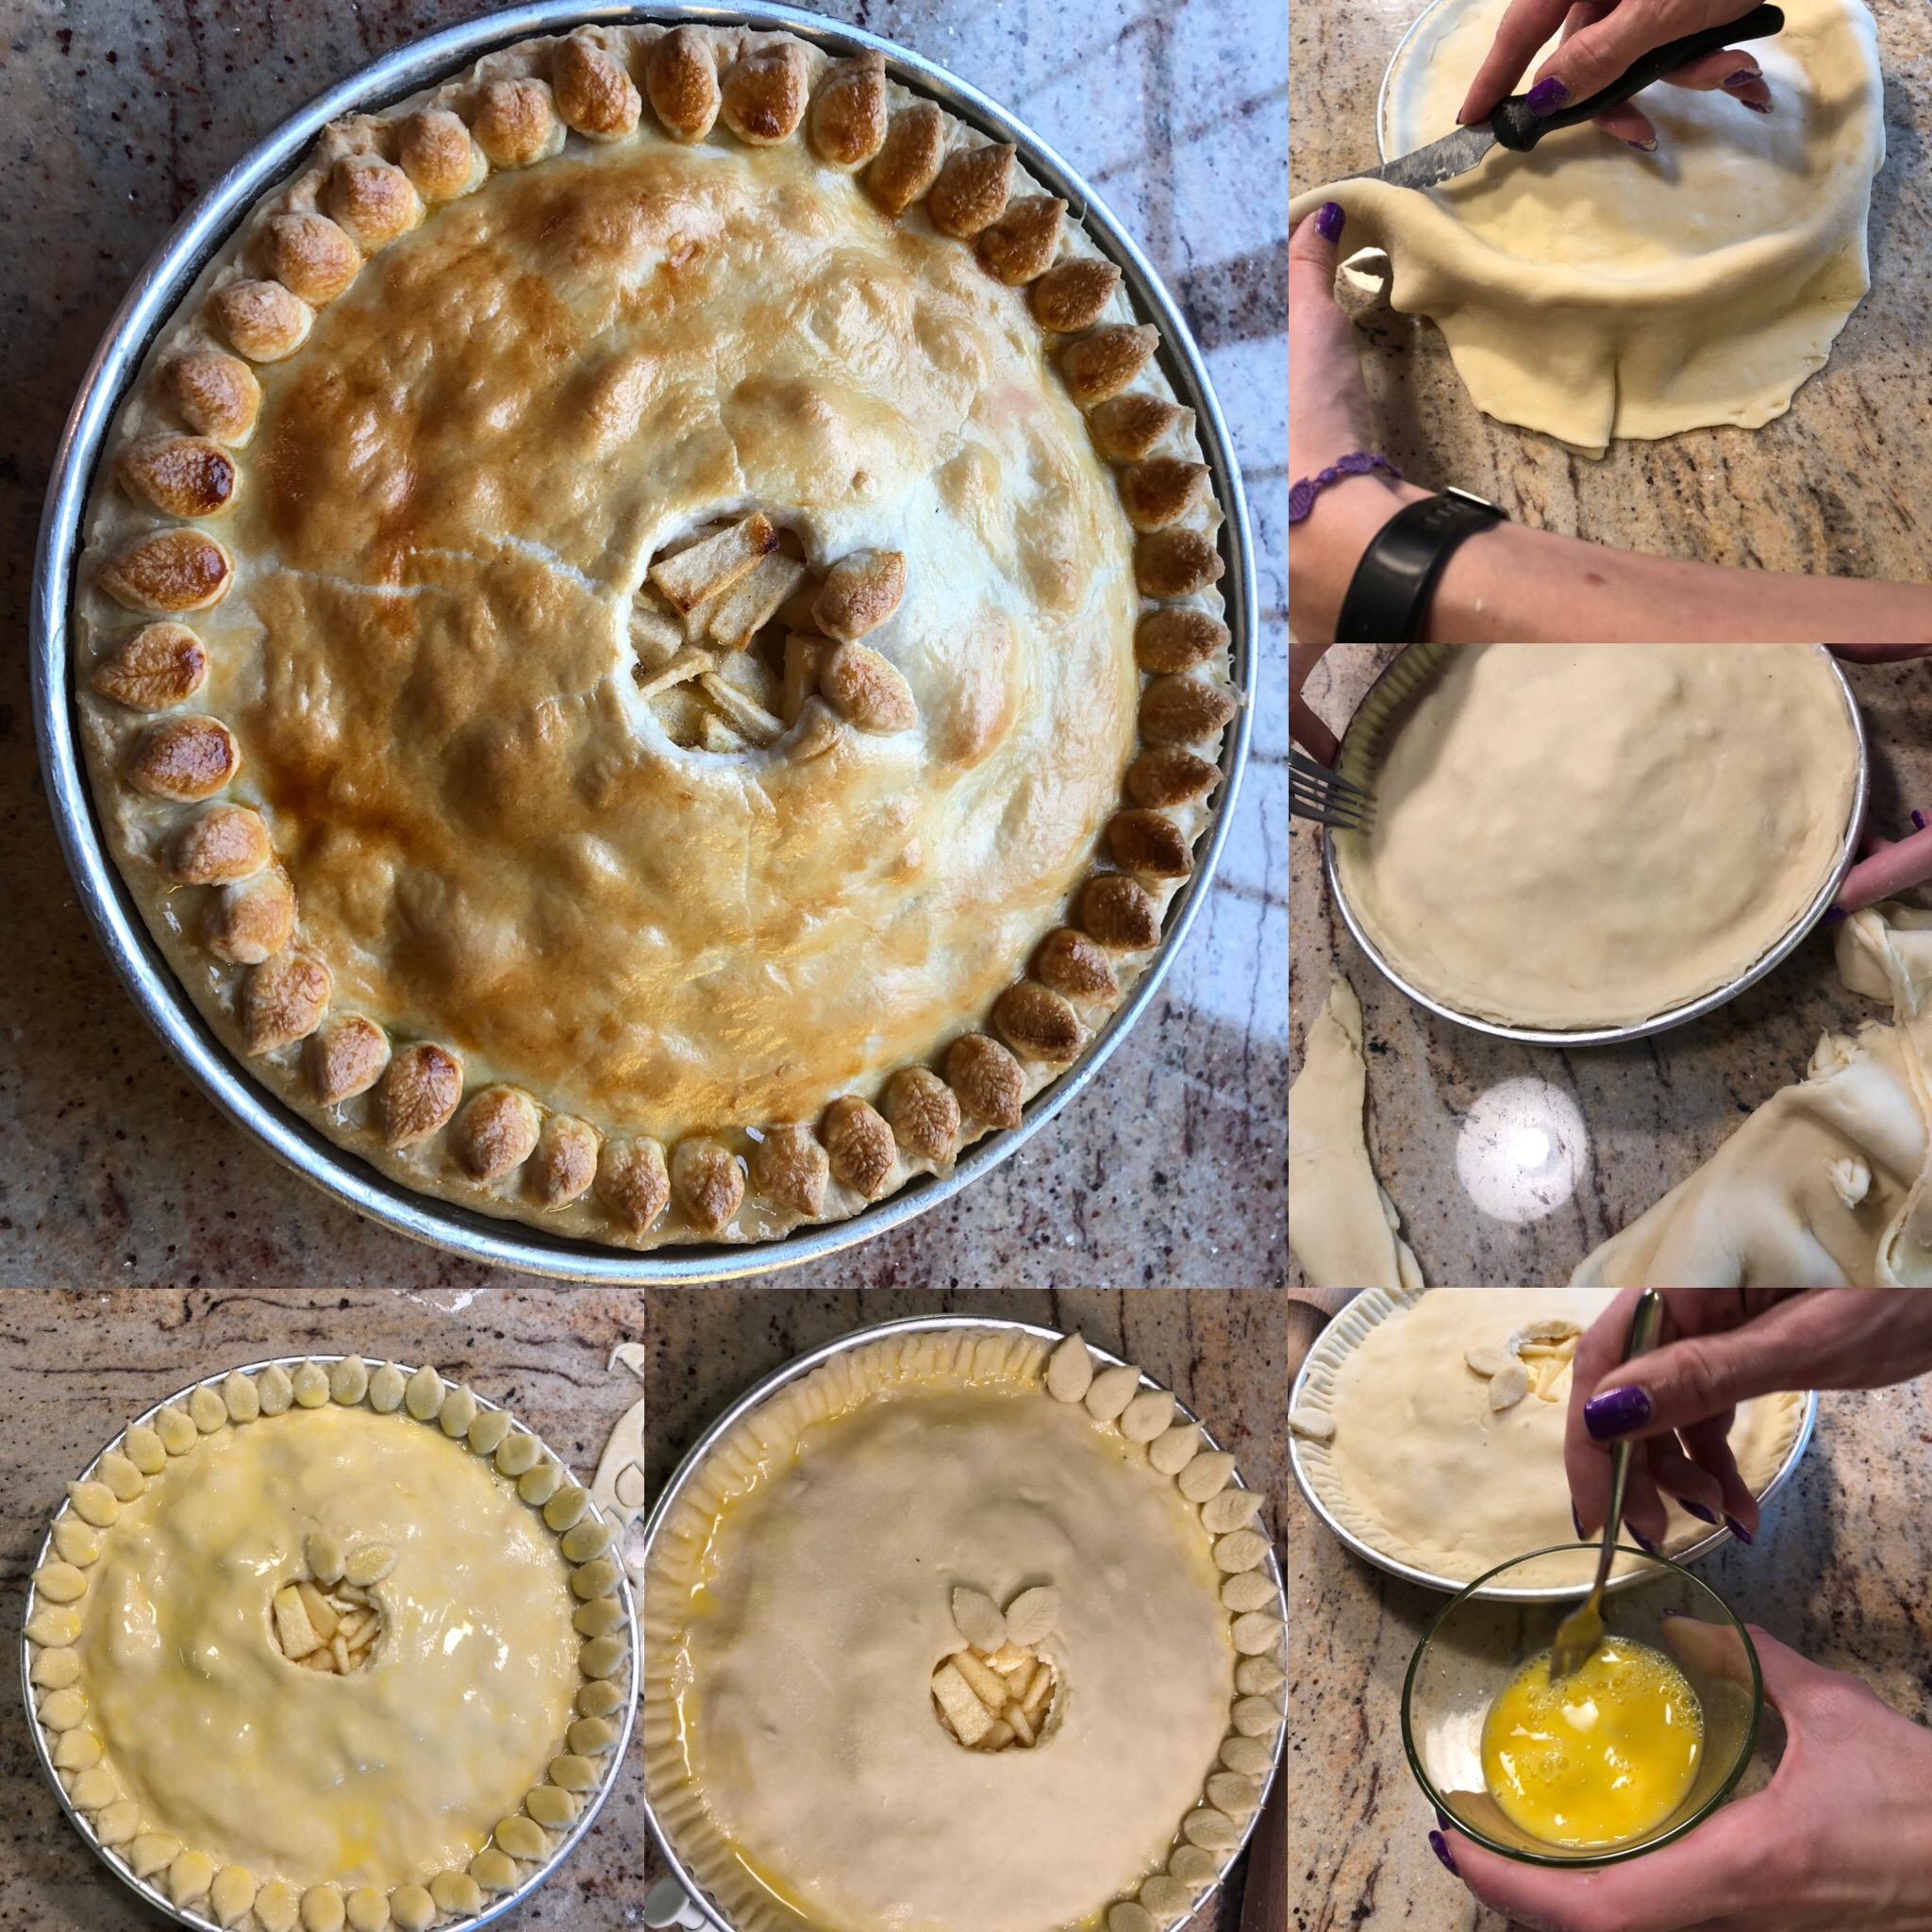 Apple-pie-2 Apple pie (Pasta brisé ripiena di mele)